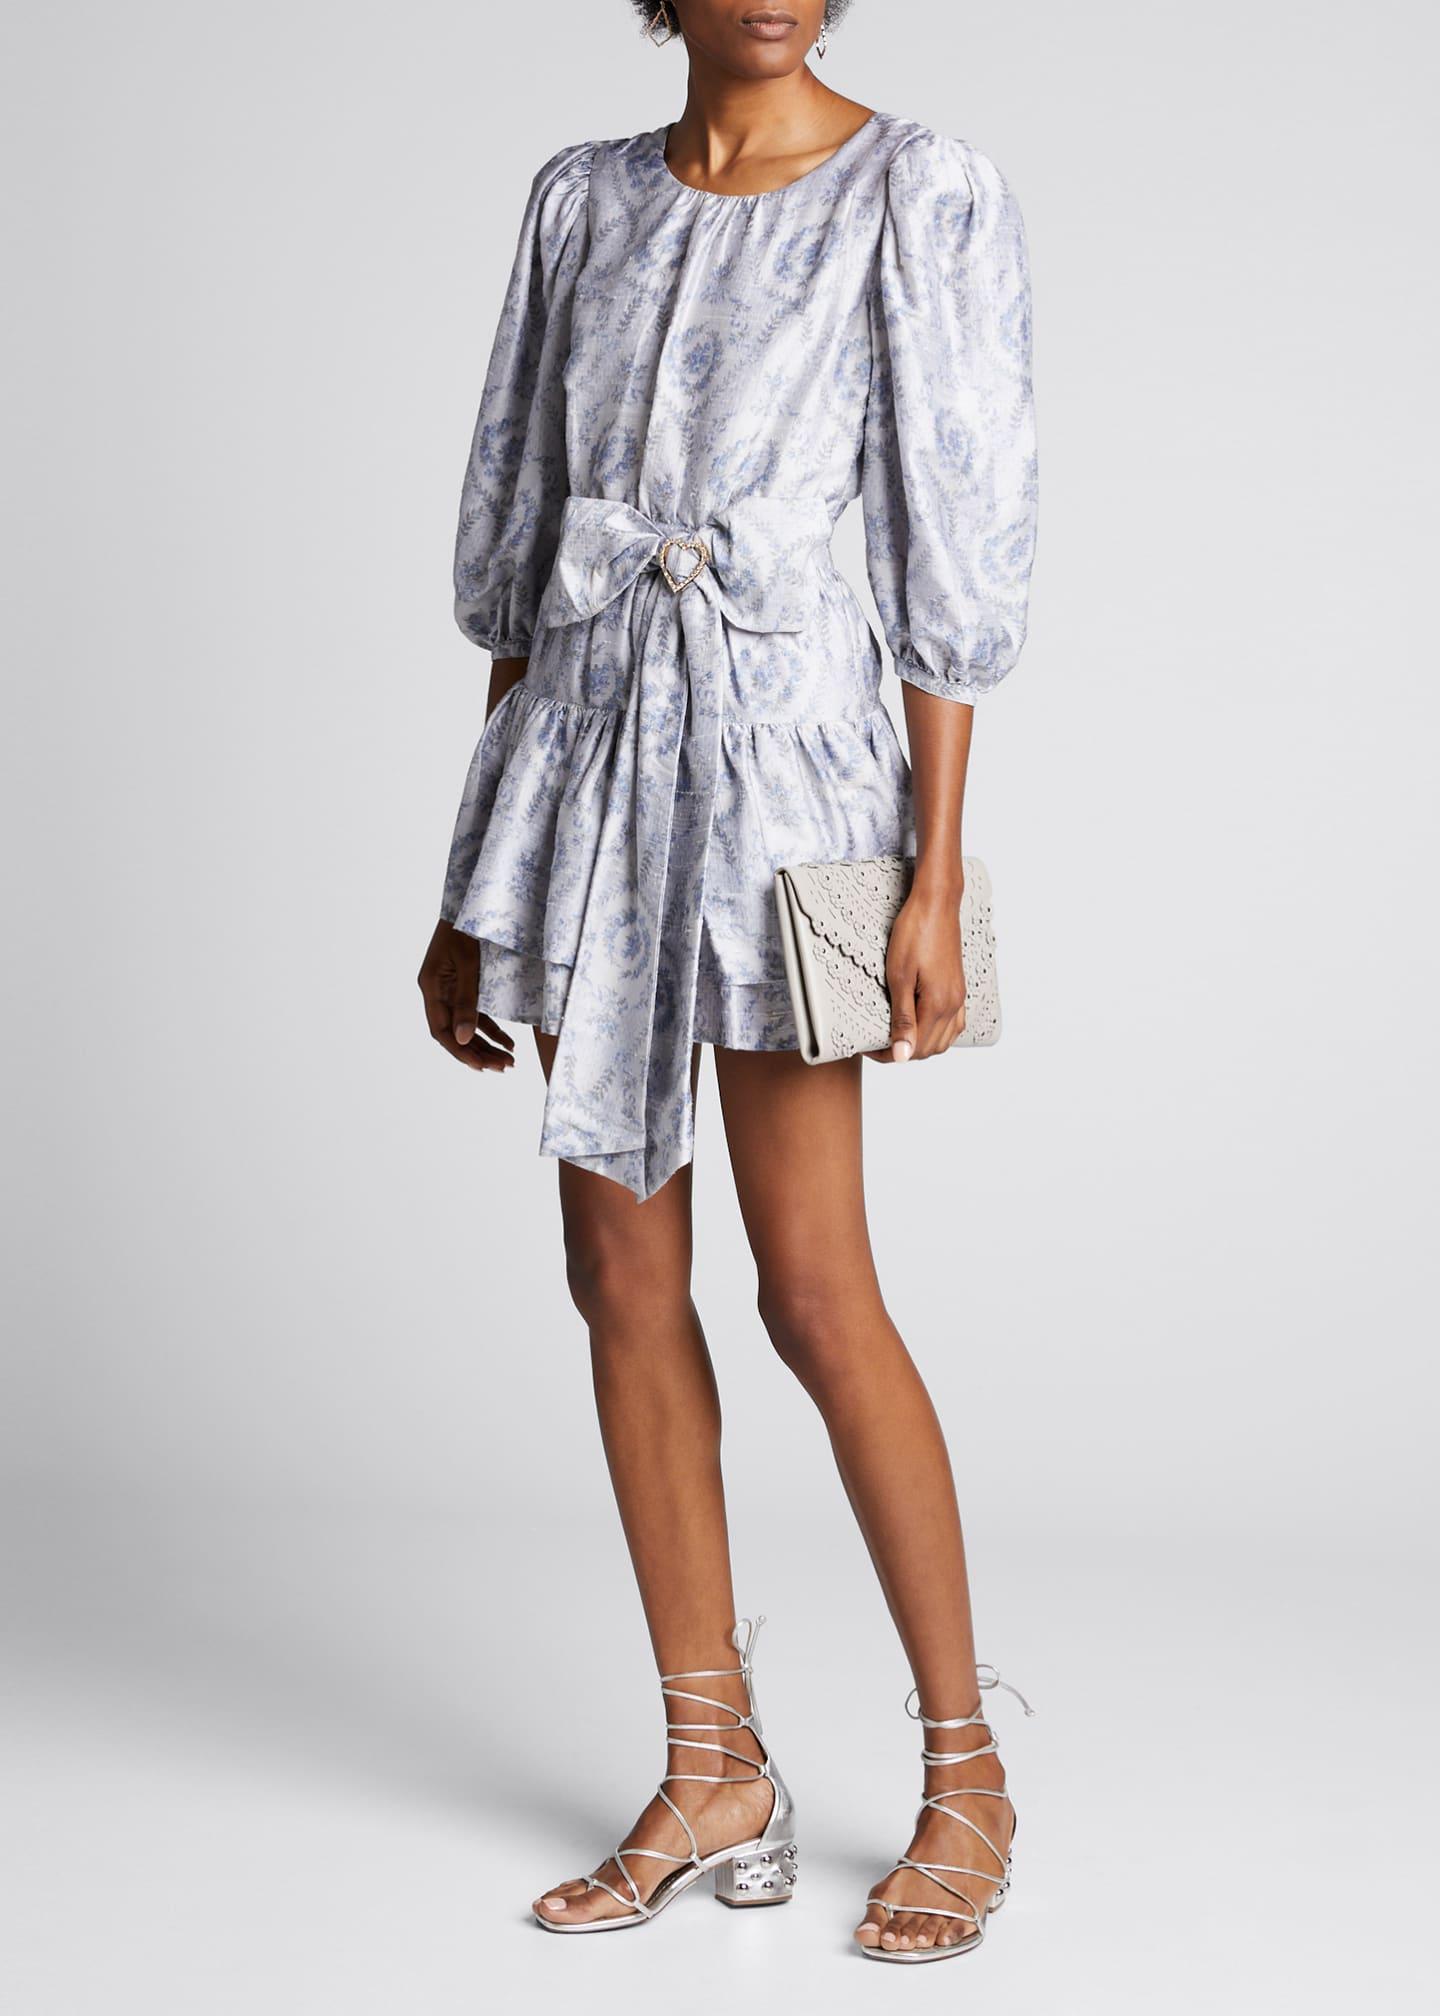 LoveShackFancy Pearla Belted Blouson-Sleeve Tiered Dress